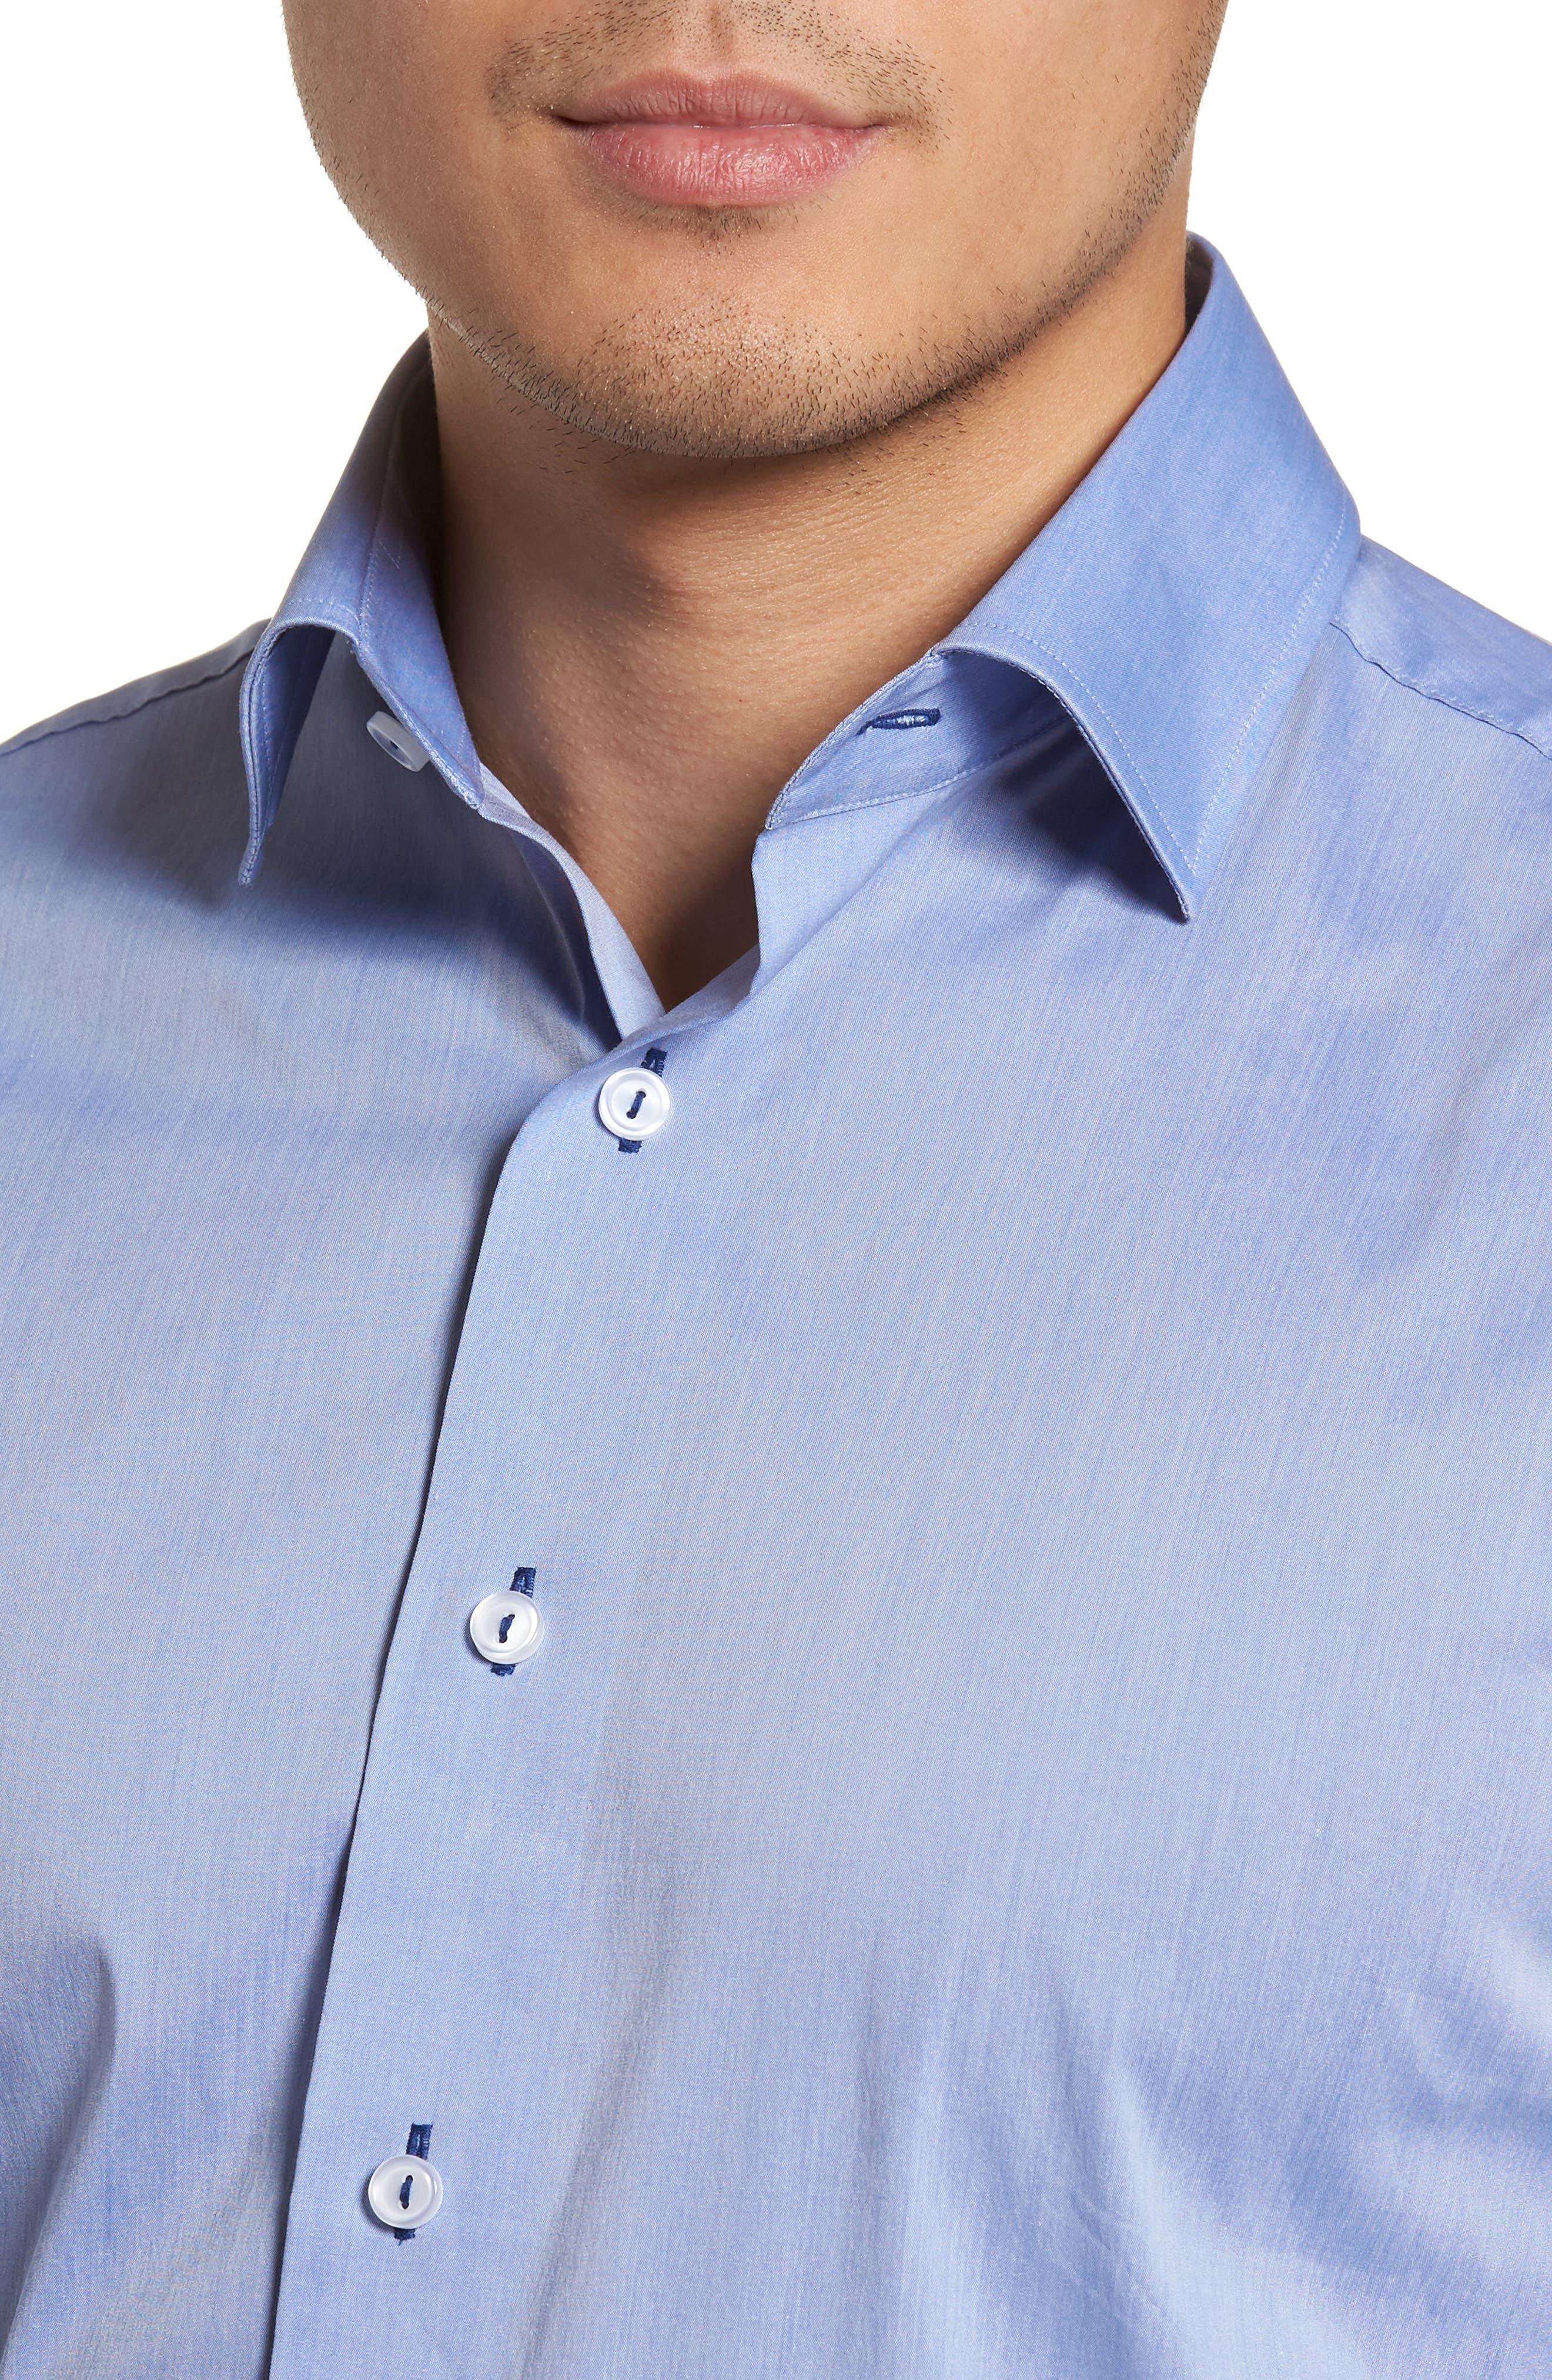 Trim Fit Dress Shirt,                             Alternate thumbnail 2, color,                             Blue